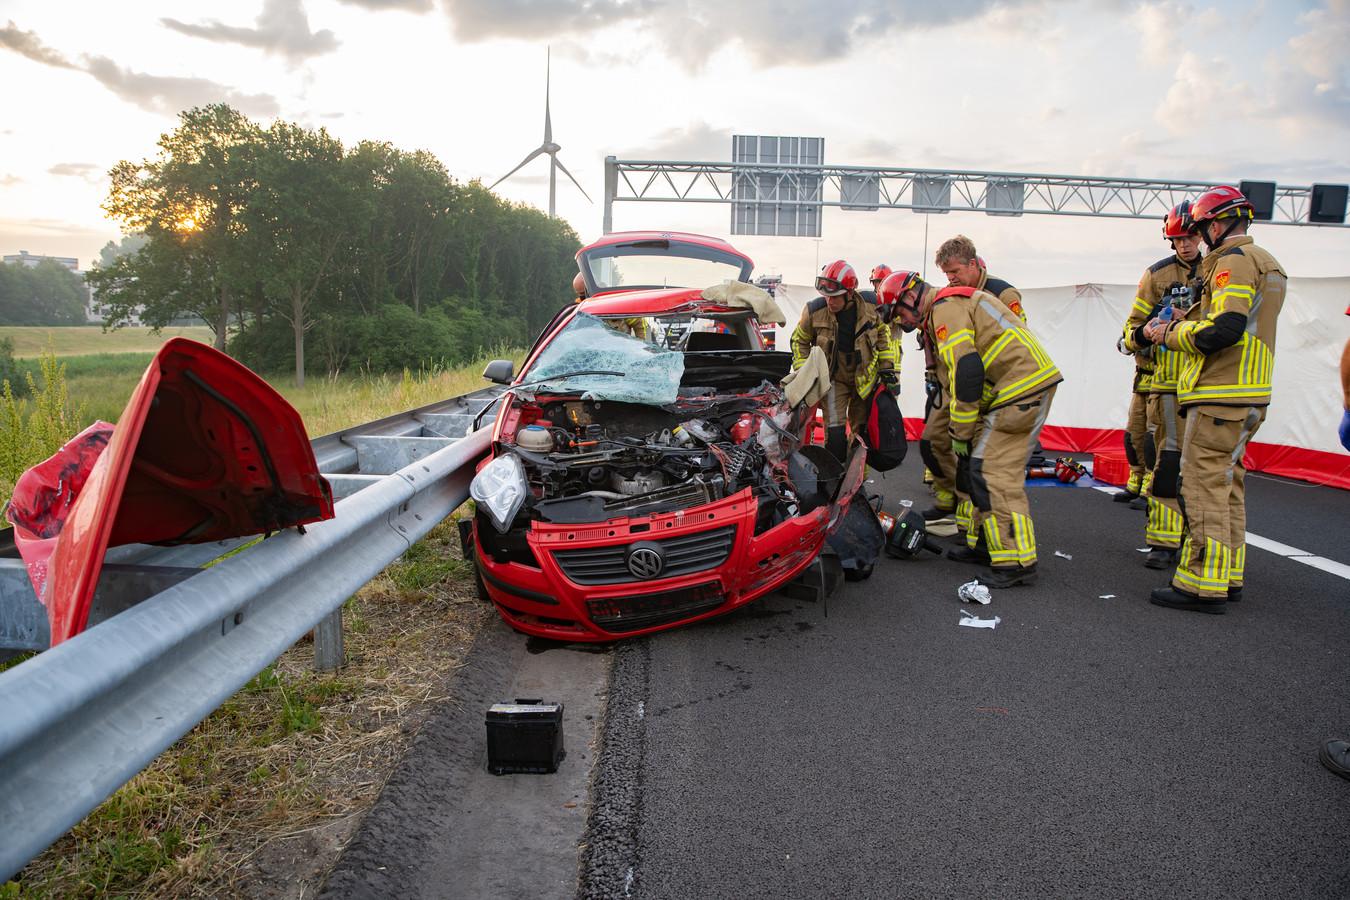 De auto die vanochtend totaal vernield raakte bij de aanrijding op de A1 bij Deventer.